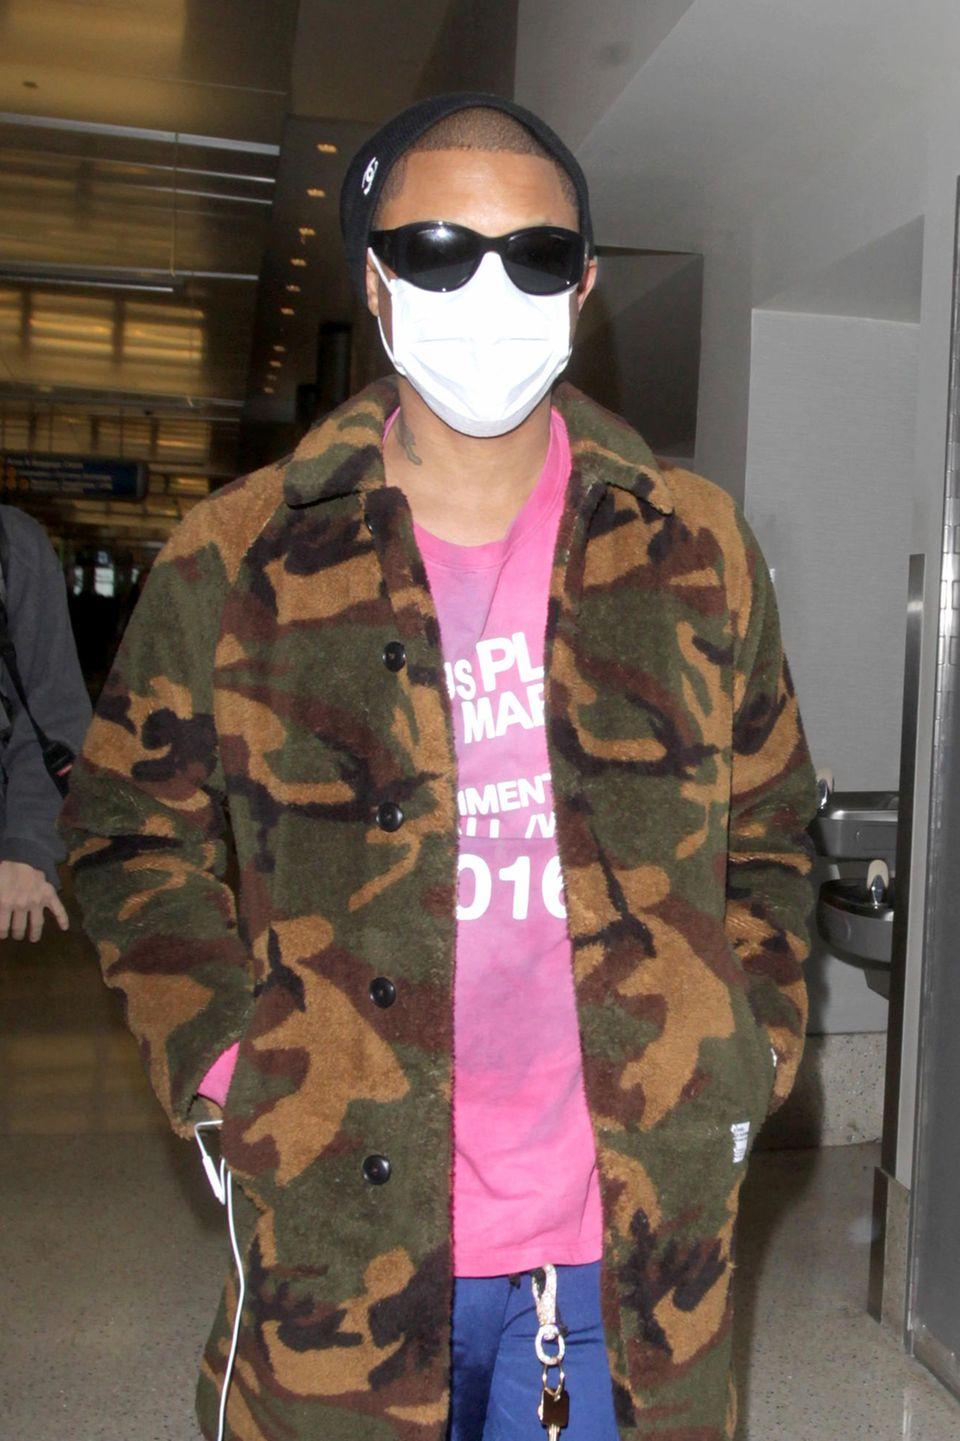 5. März 2017  Mit eigentümlicher Gesichtsmaske istPharrell Williams am Flughafen in Los Angeles zu sehen. Warum der Musiker diese trägt, ist aber leider nicht geklärt.